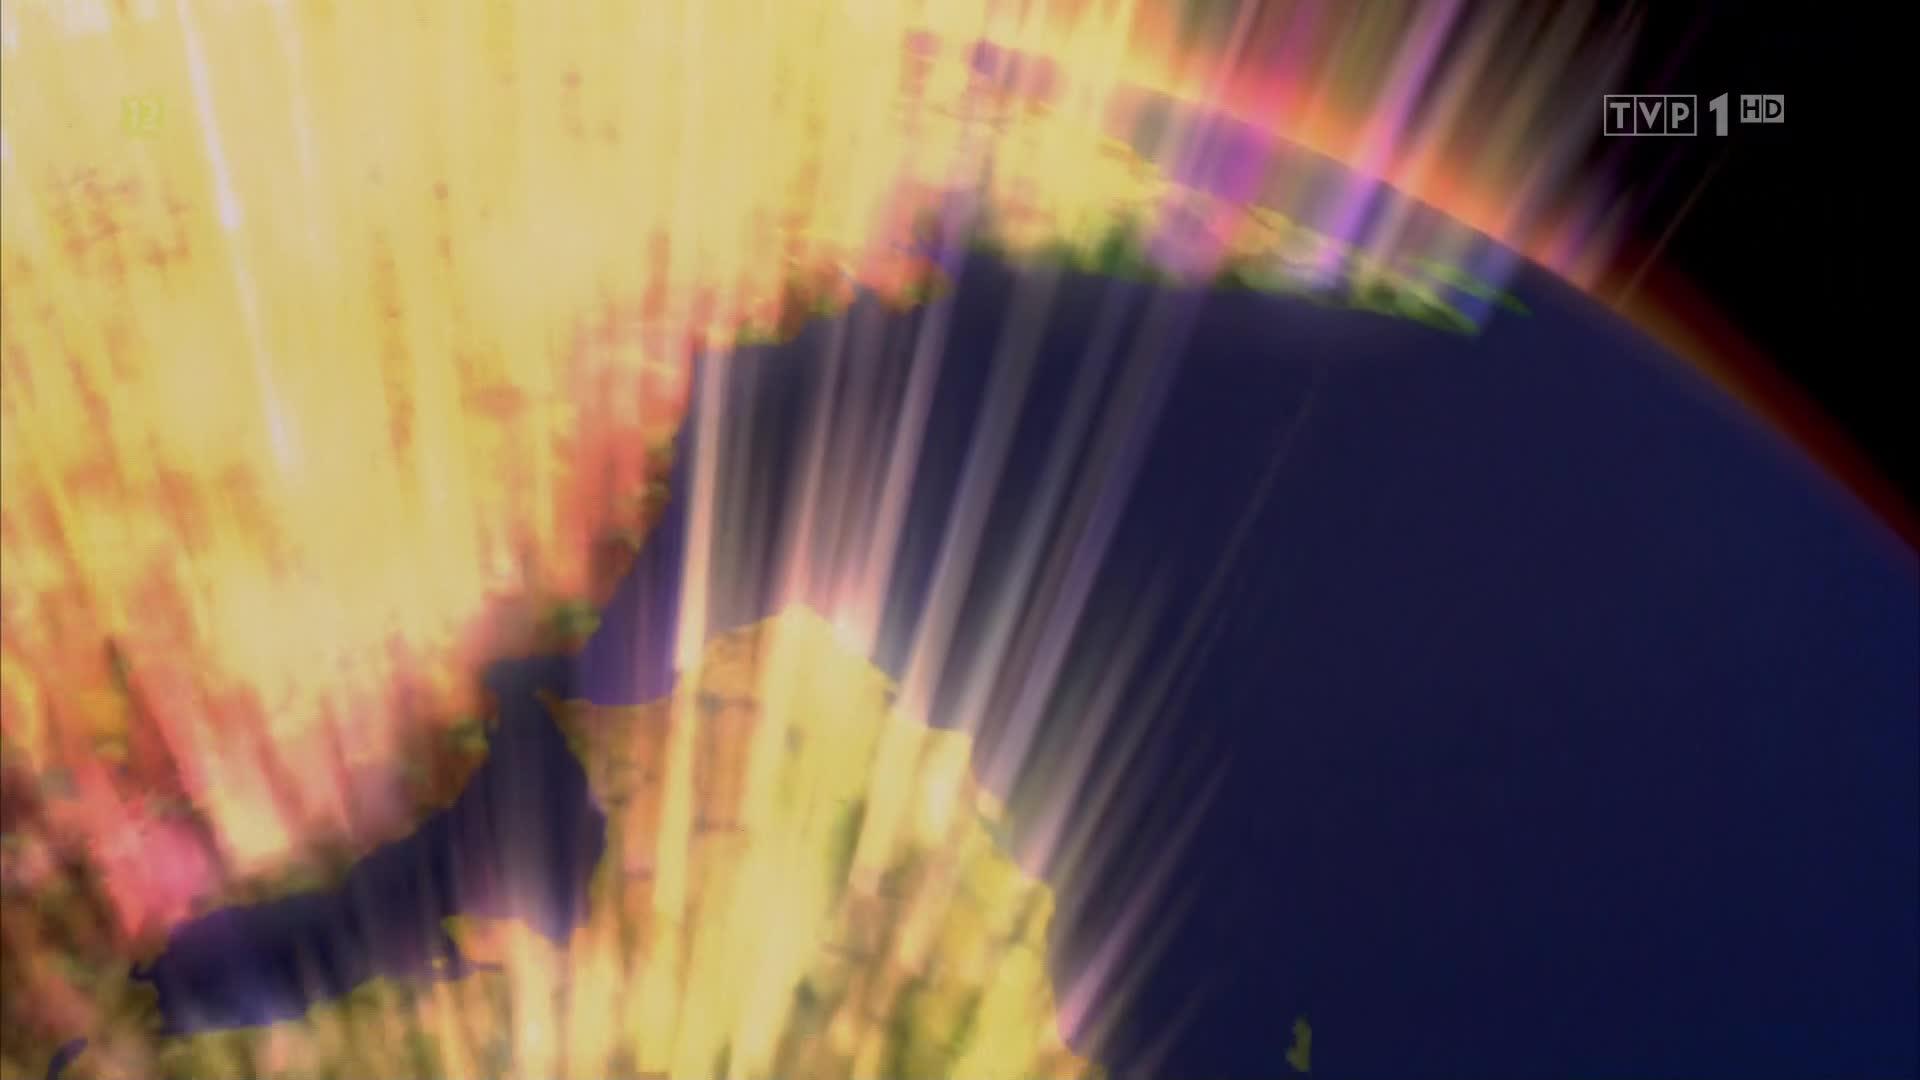 Znamię Full HD (2002) Lektor PL | Majtek2 720p